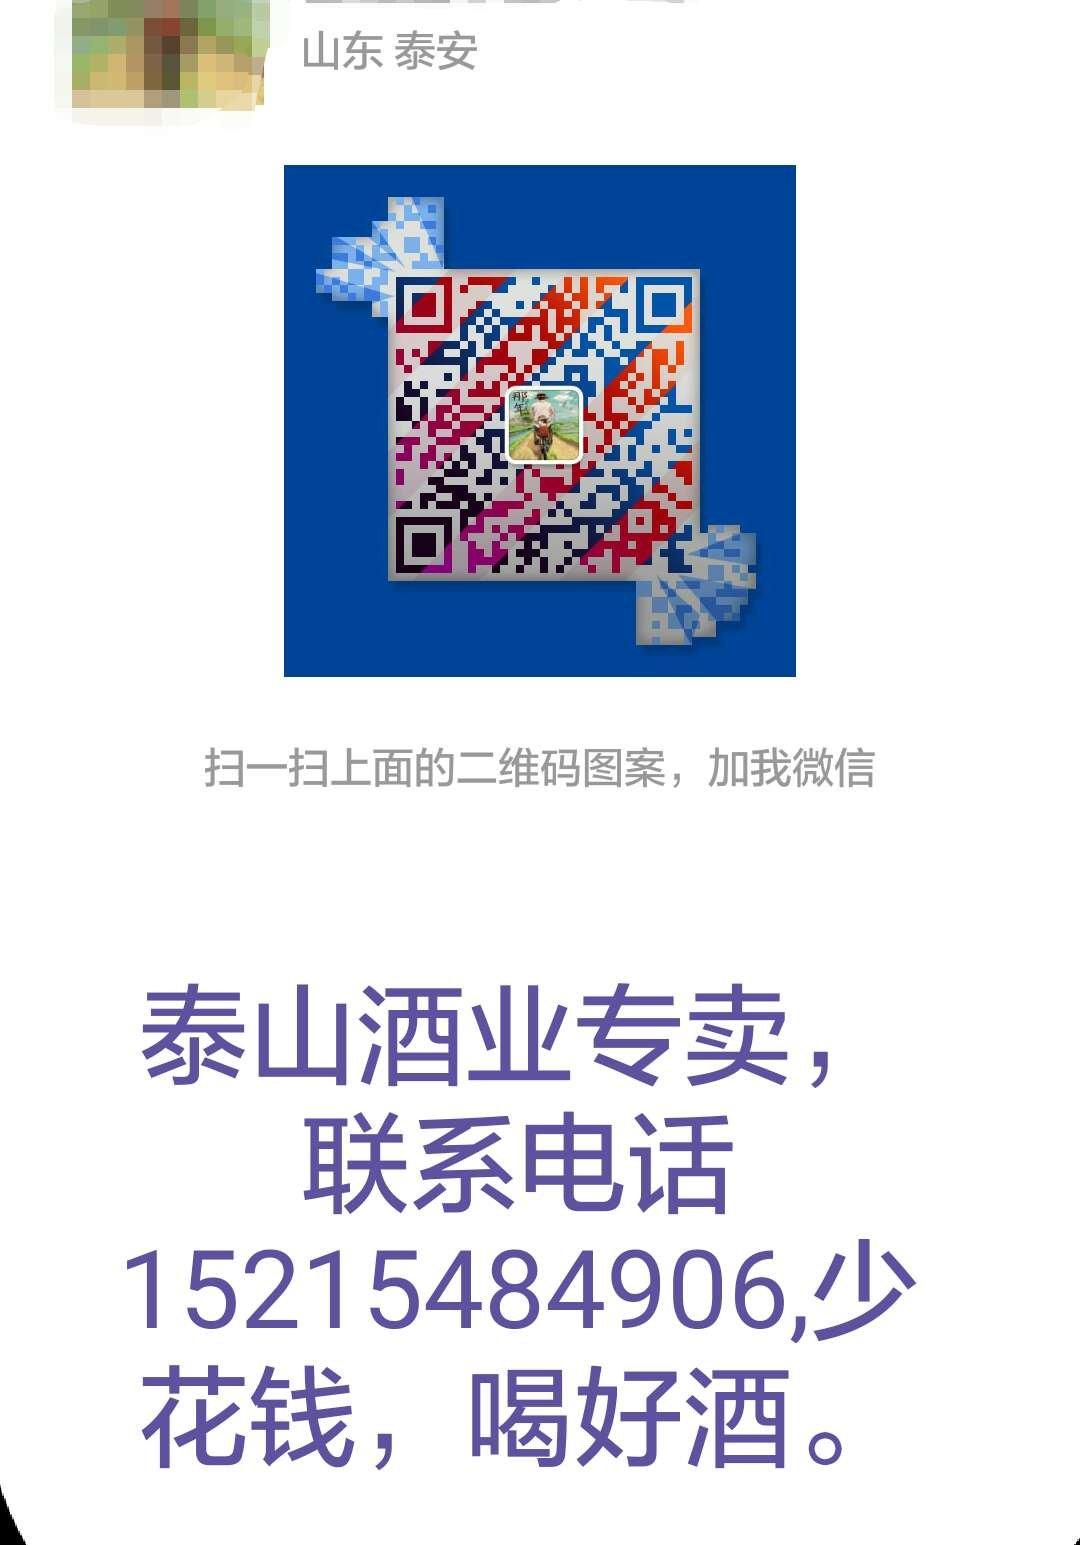 1515850258207.jpg